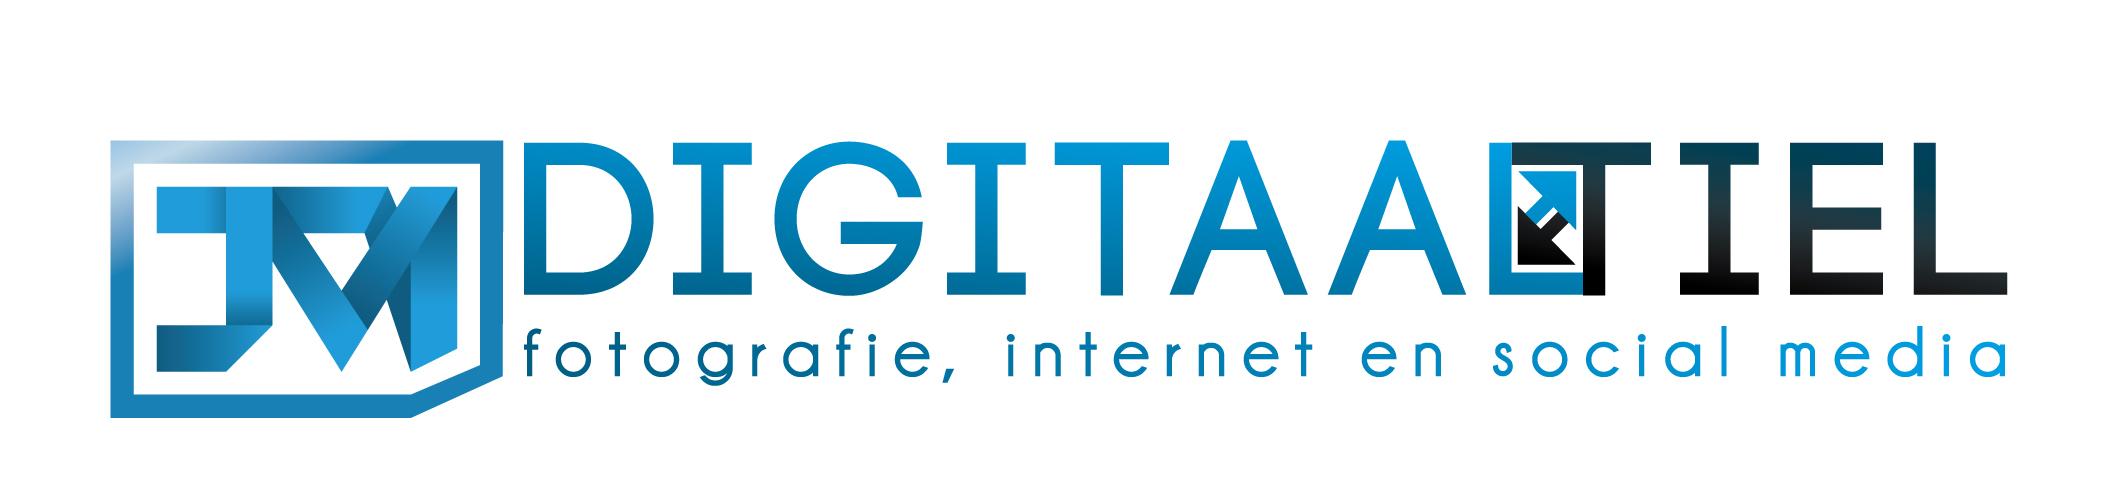 DigitaalTiel